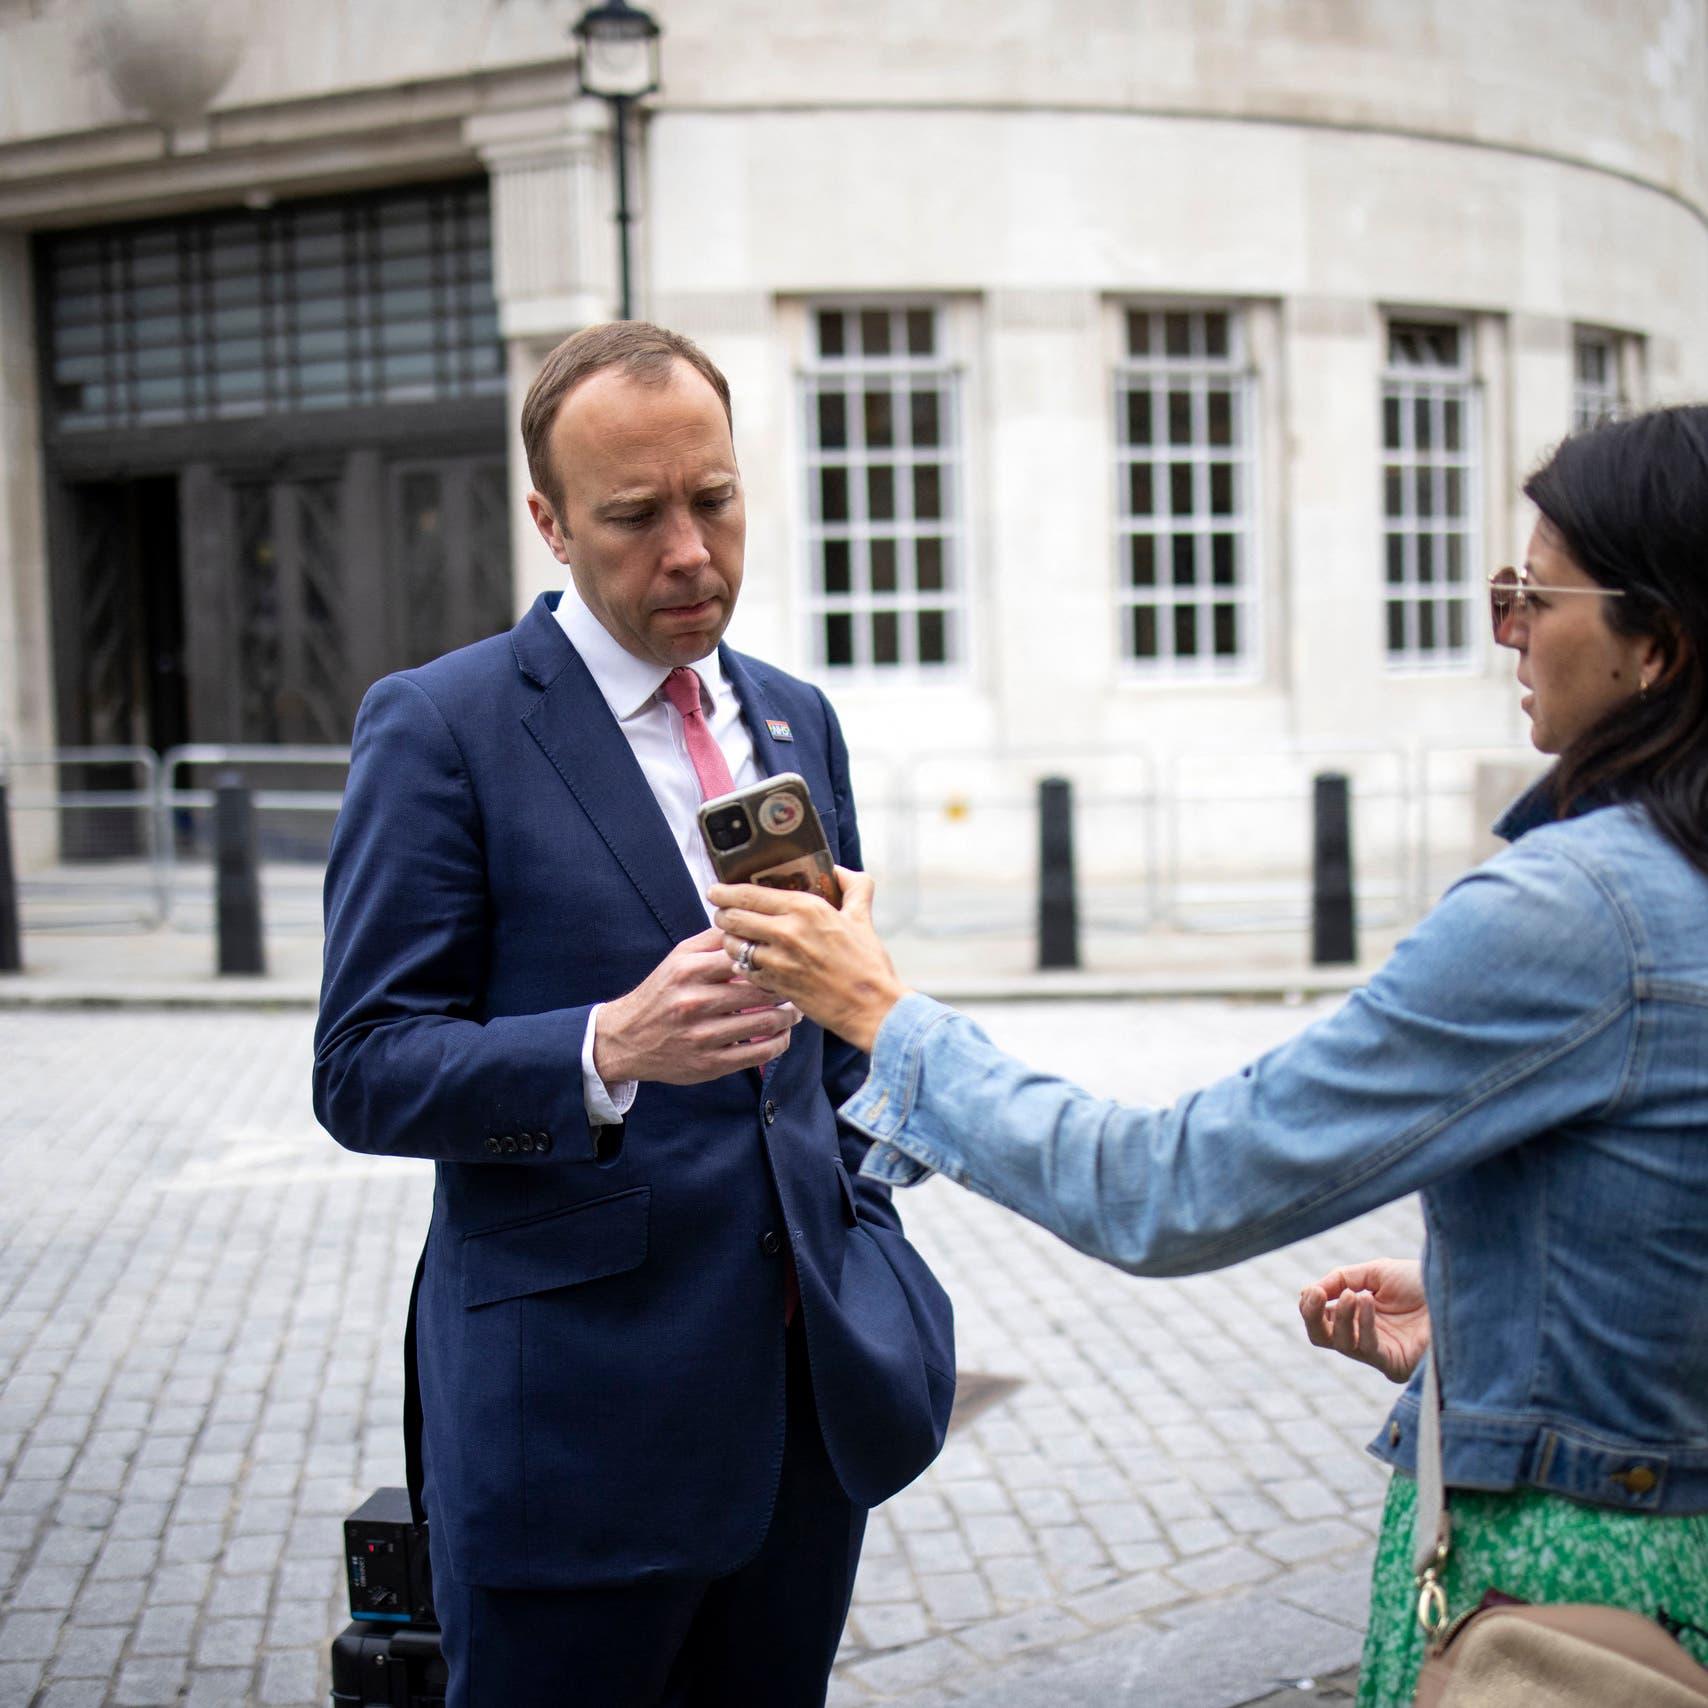 صور وفيديو للفضيحة.. من وضع كاميرا بمكتب وزير بريطانيا؟